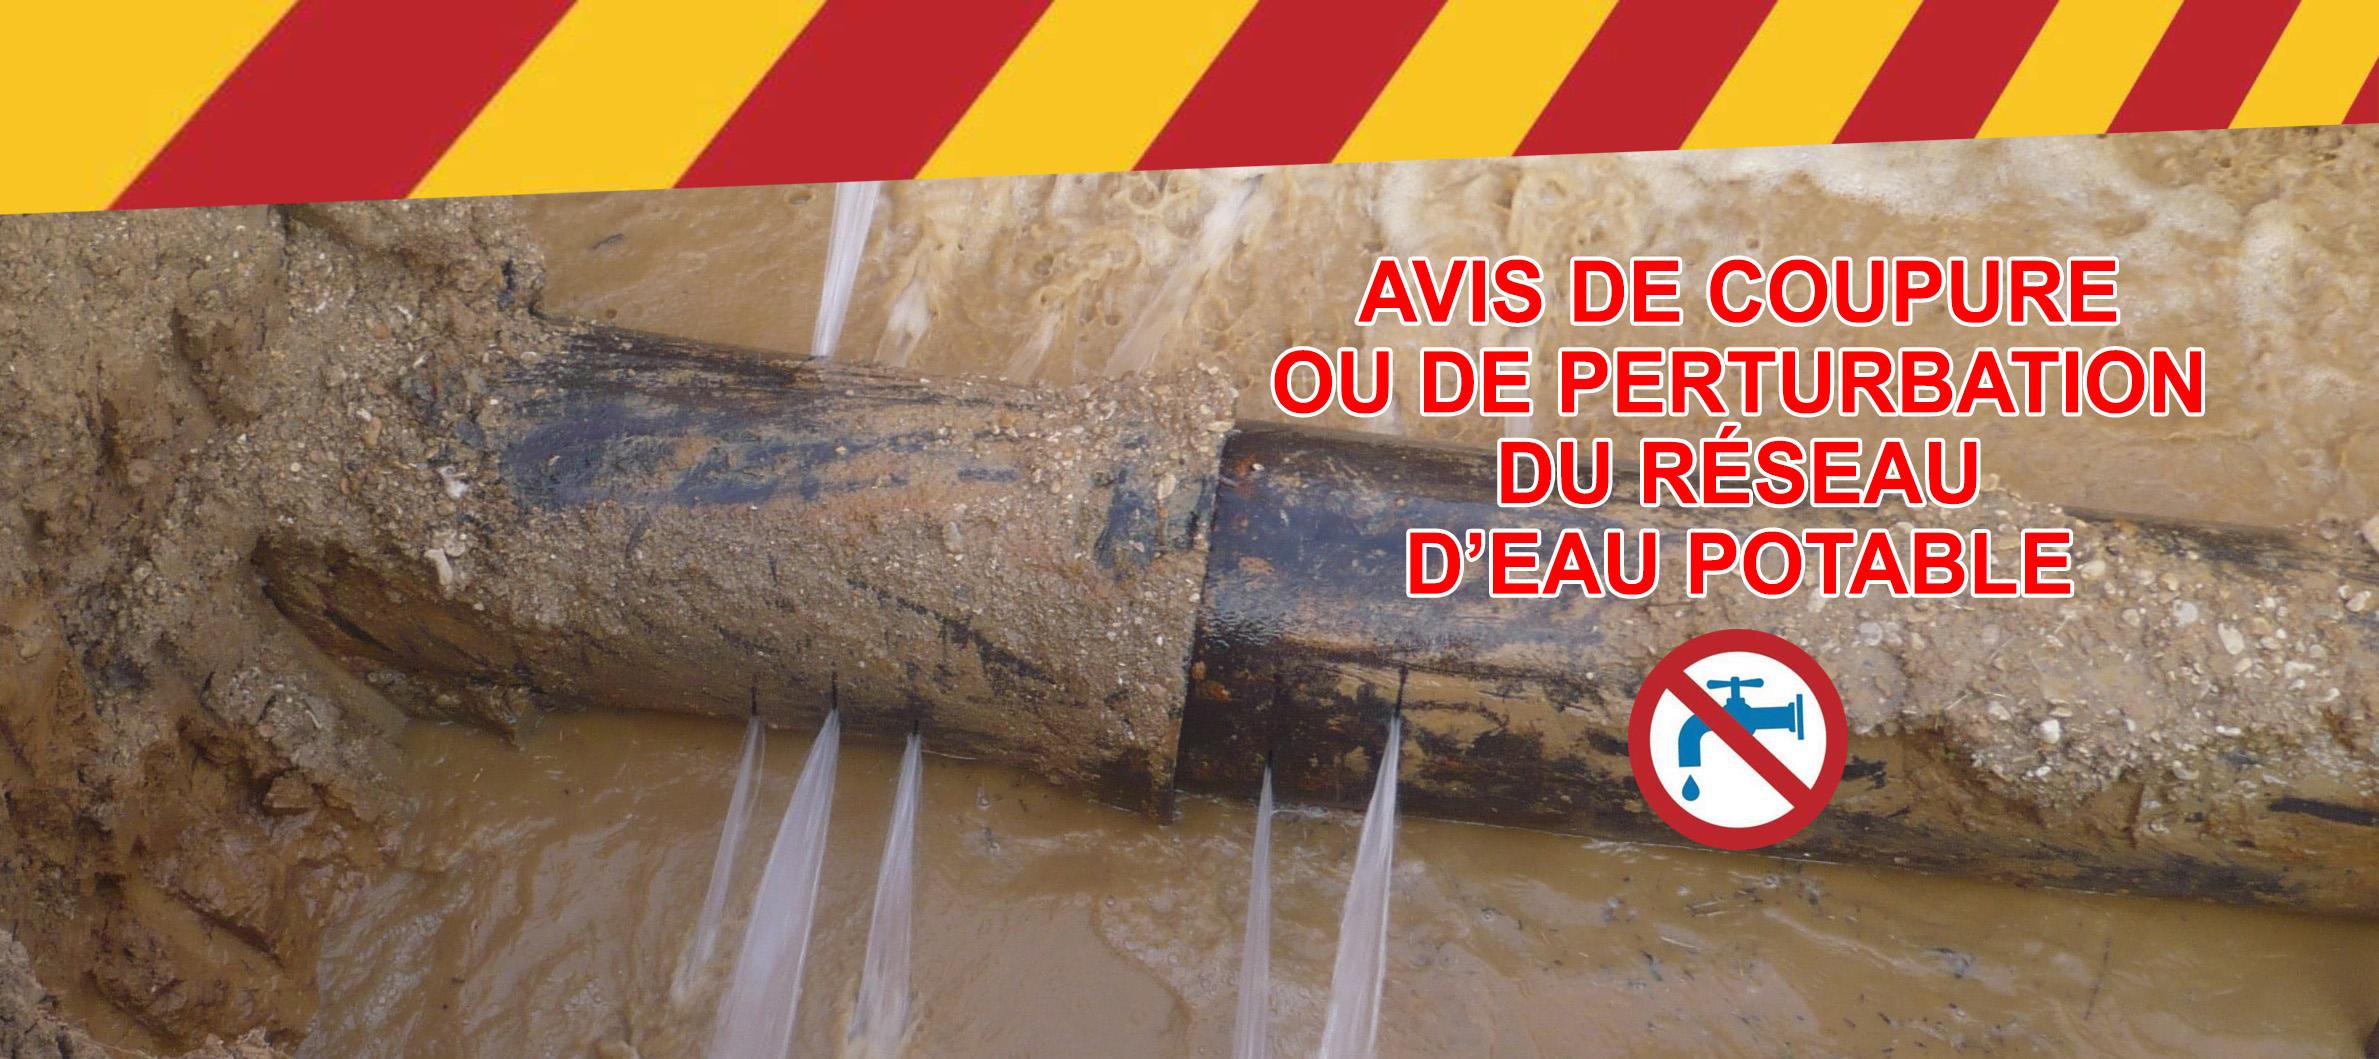 ❌ Distribution de l'eau perturbéeà Raulhac le 02/08/21